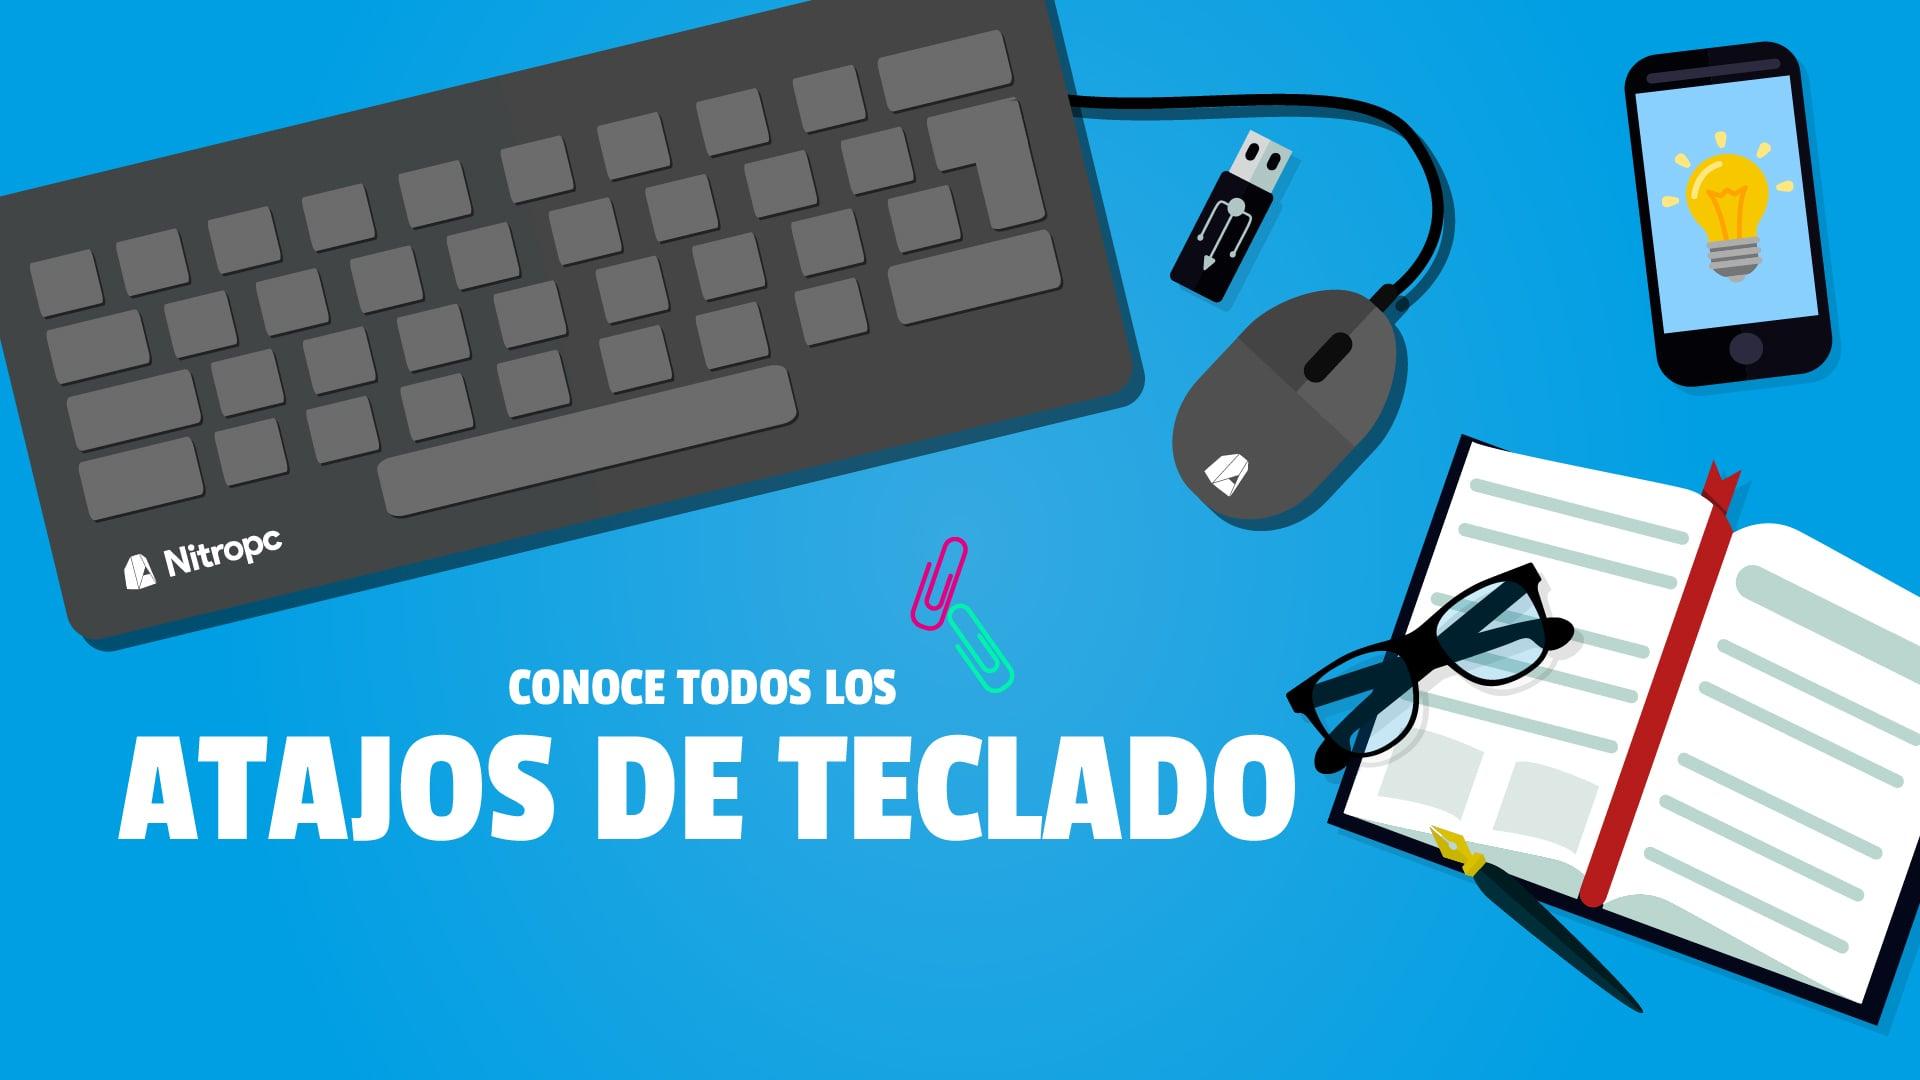 Todos los atajos de teclado que necesitas conocer (Windows 10).